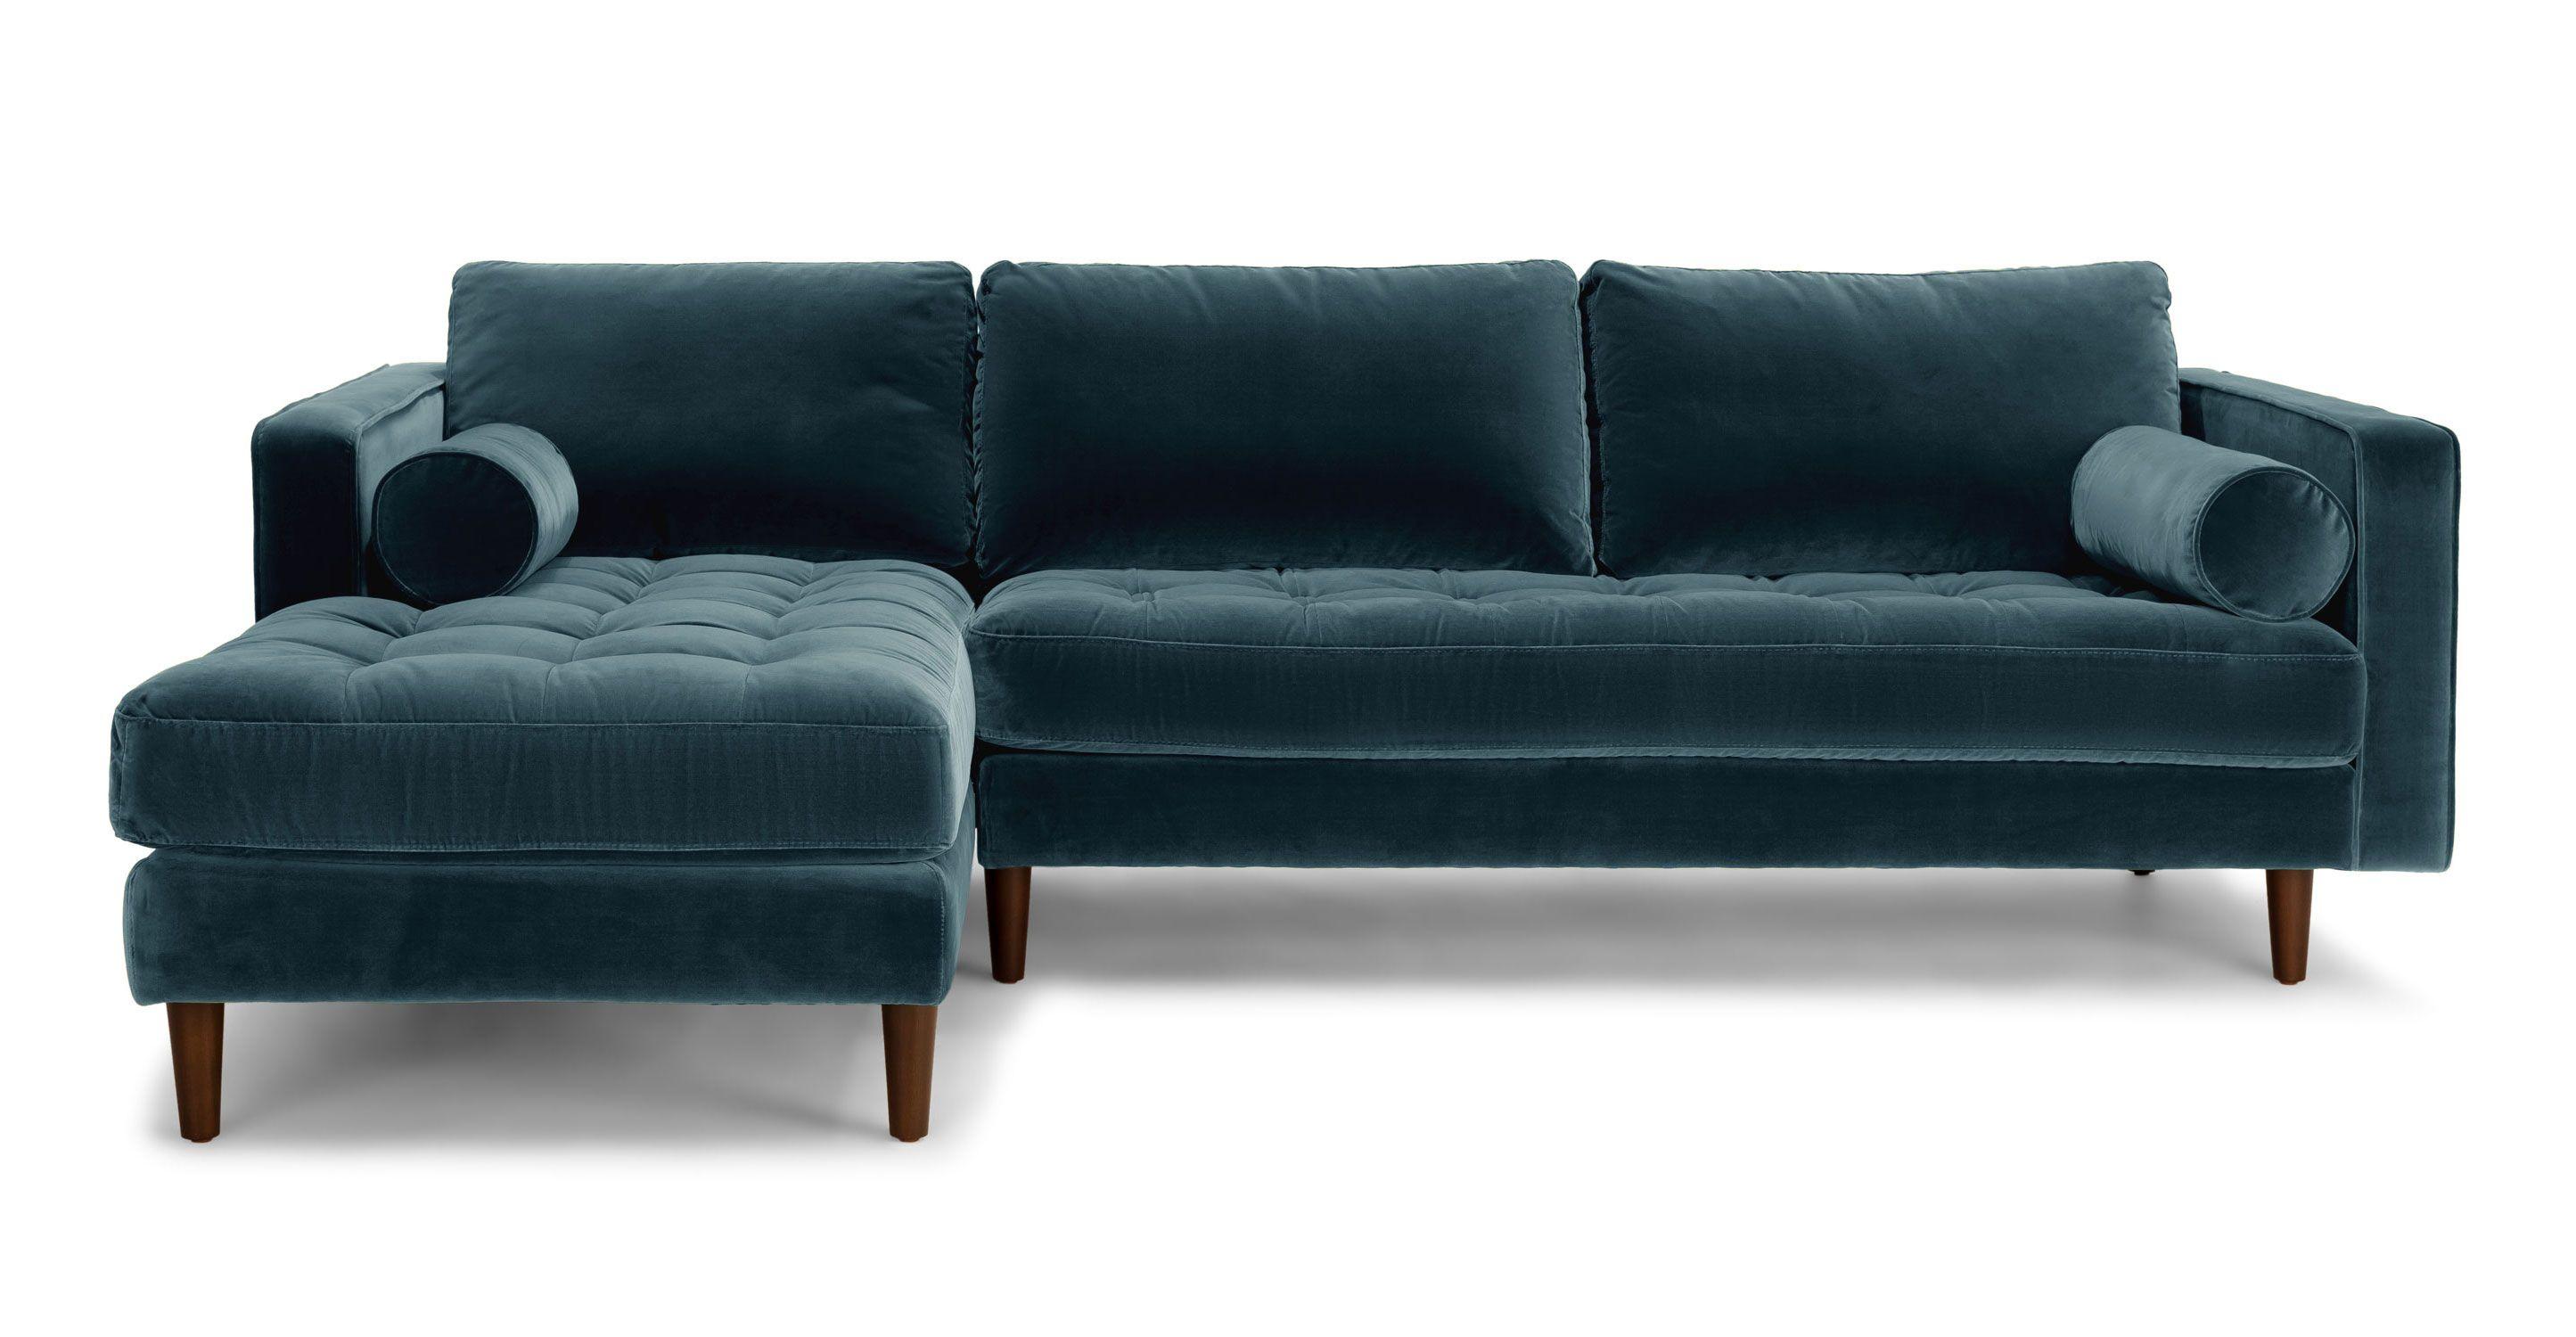 Velvet Mid Century Modern Sectional Upholstered